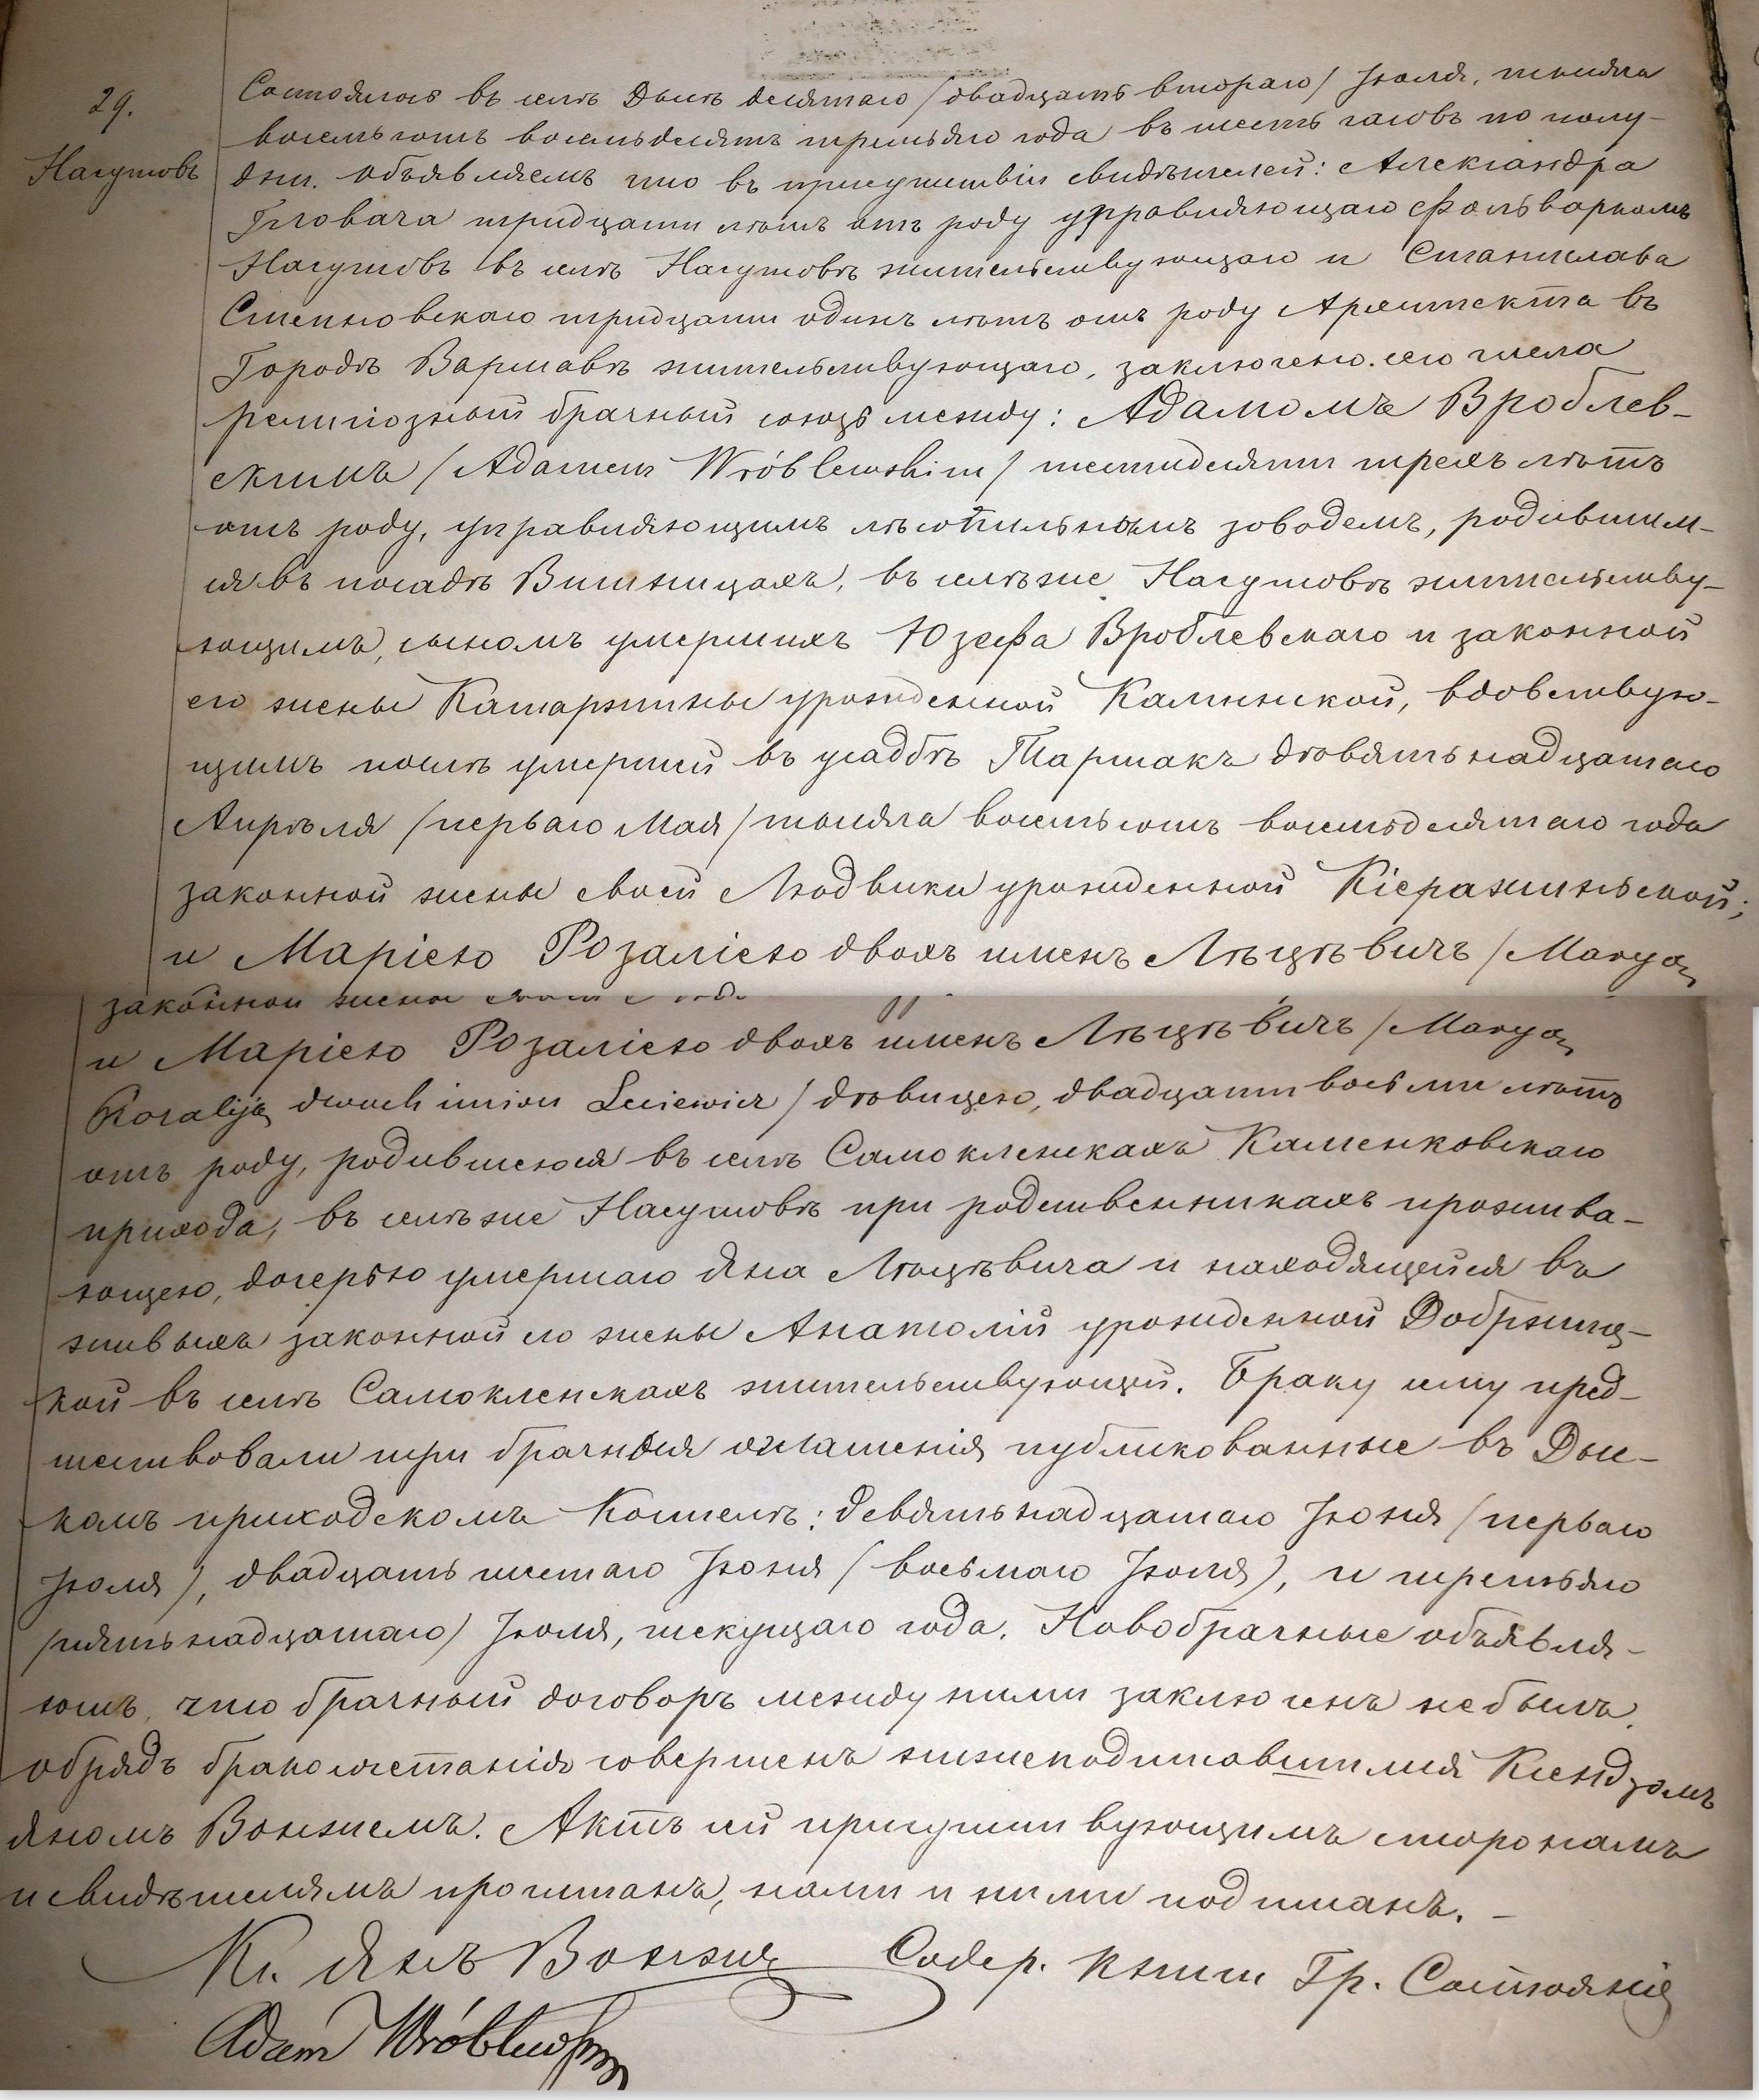 2 ślub Adama Wróblewskiego 1883 Dys